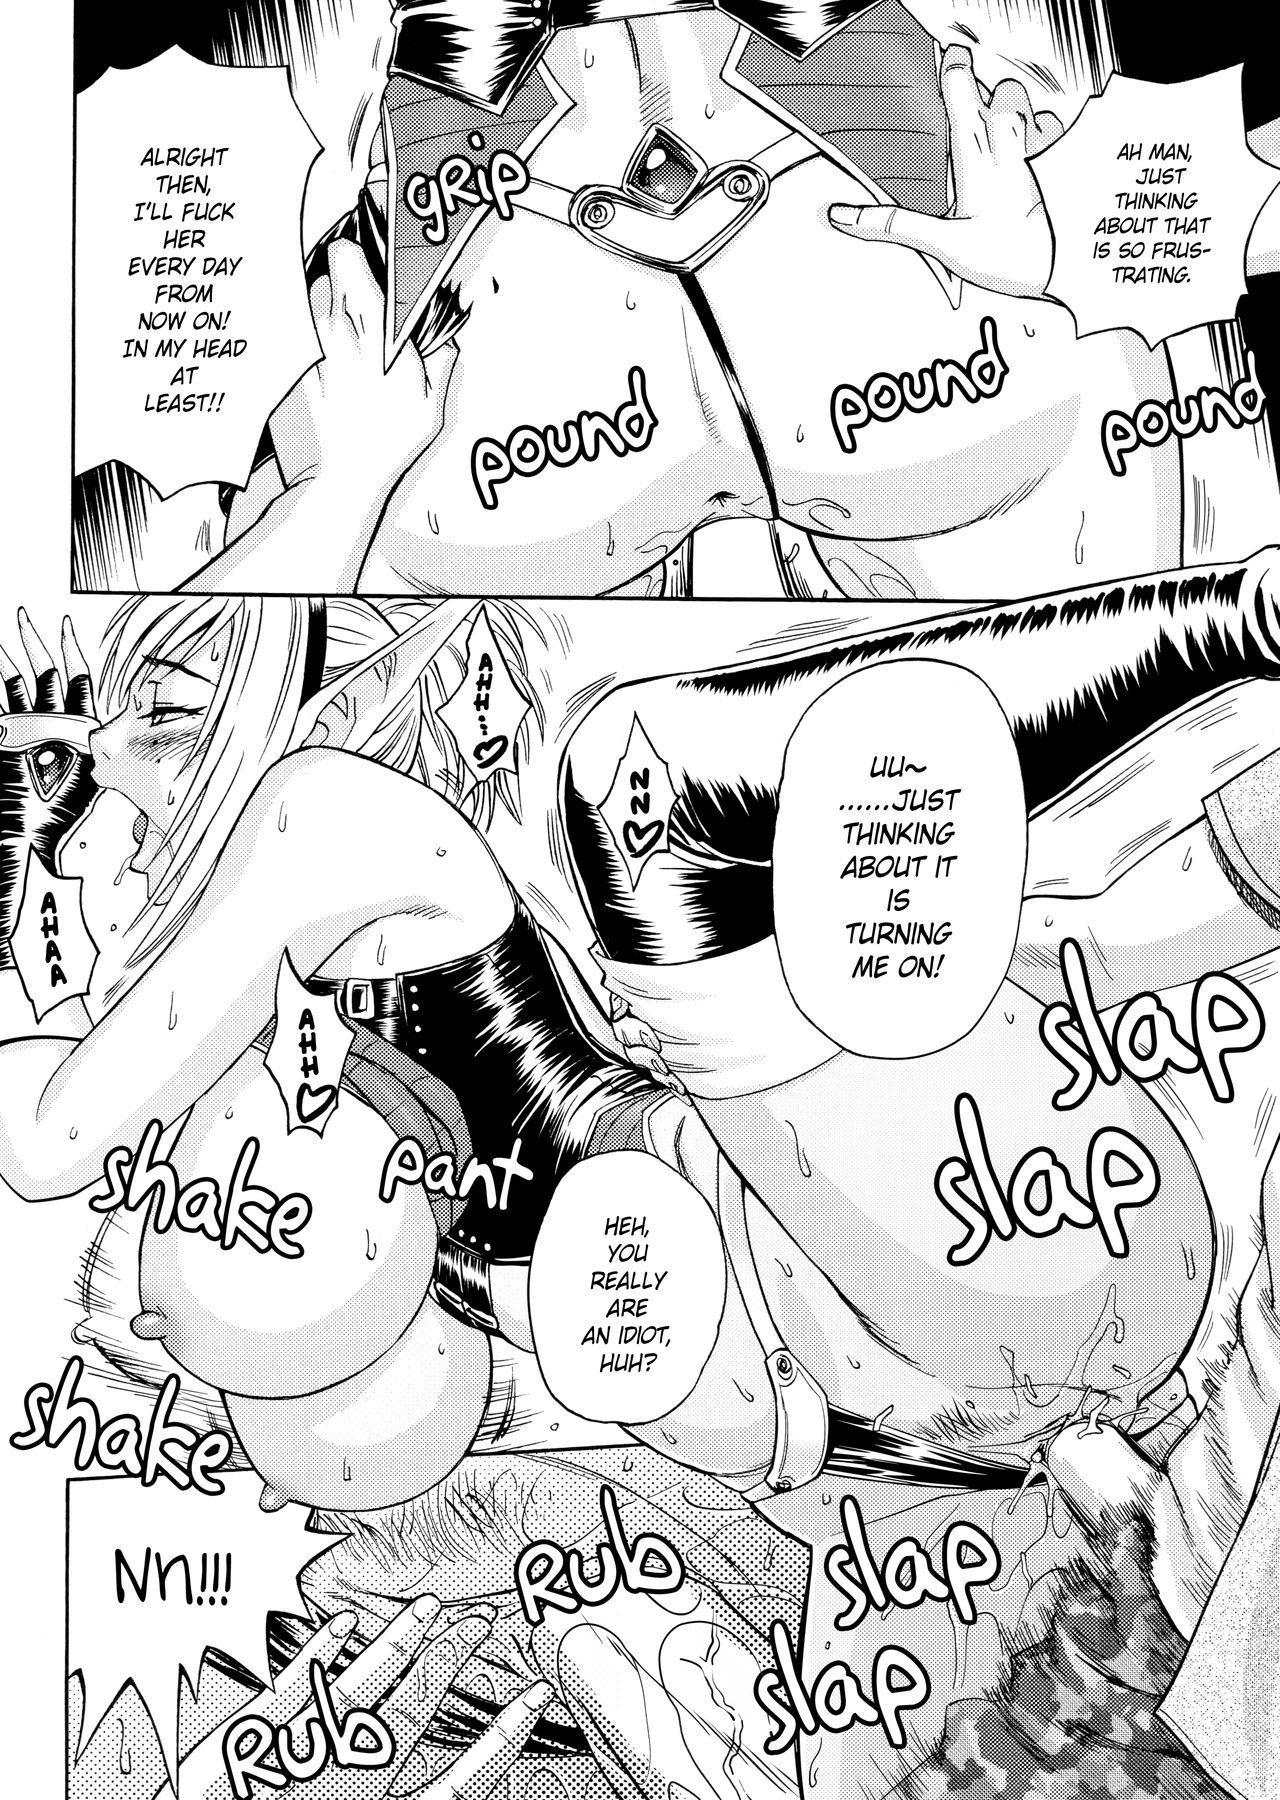 [Tatsunami Youtoku, Yamazaki Masato] Bijin Henshuu-chou no Himitsu | Beautiful Editor-in-Chief's Secret Ch. 1-5 [English] [Forbiddenfetish77, Red Vodka, Crystalium] [Decensored] 19